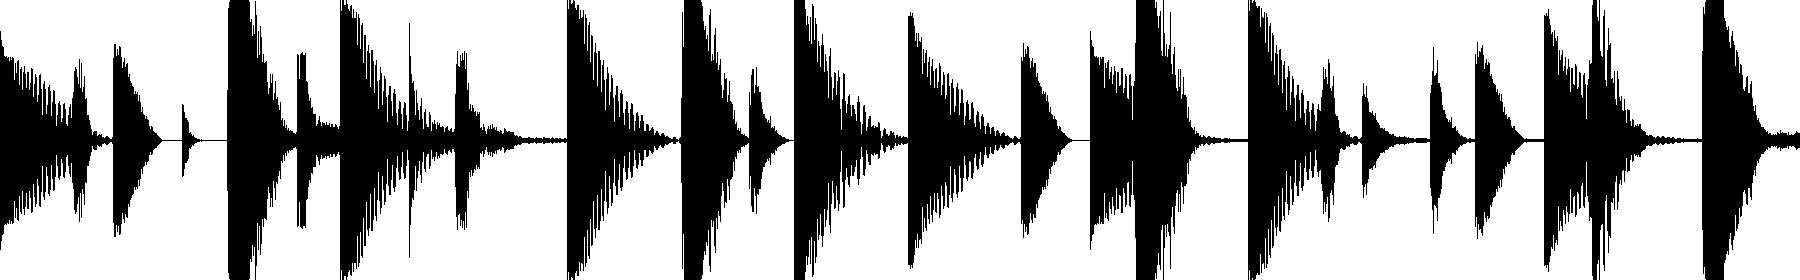 60184 s183 drumloop0 wav